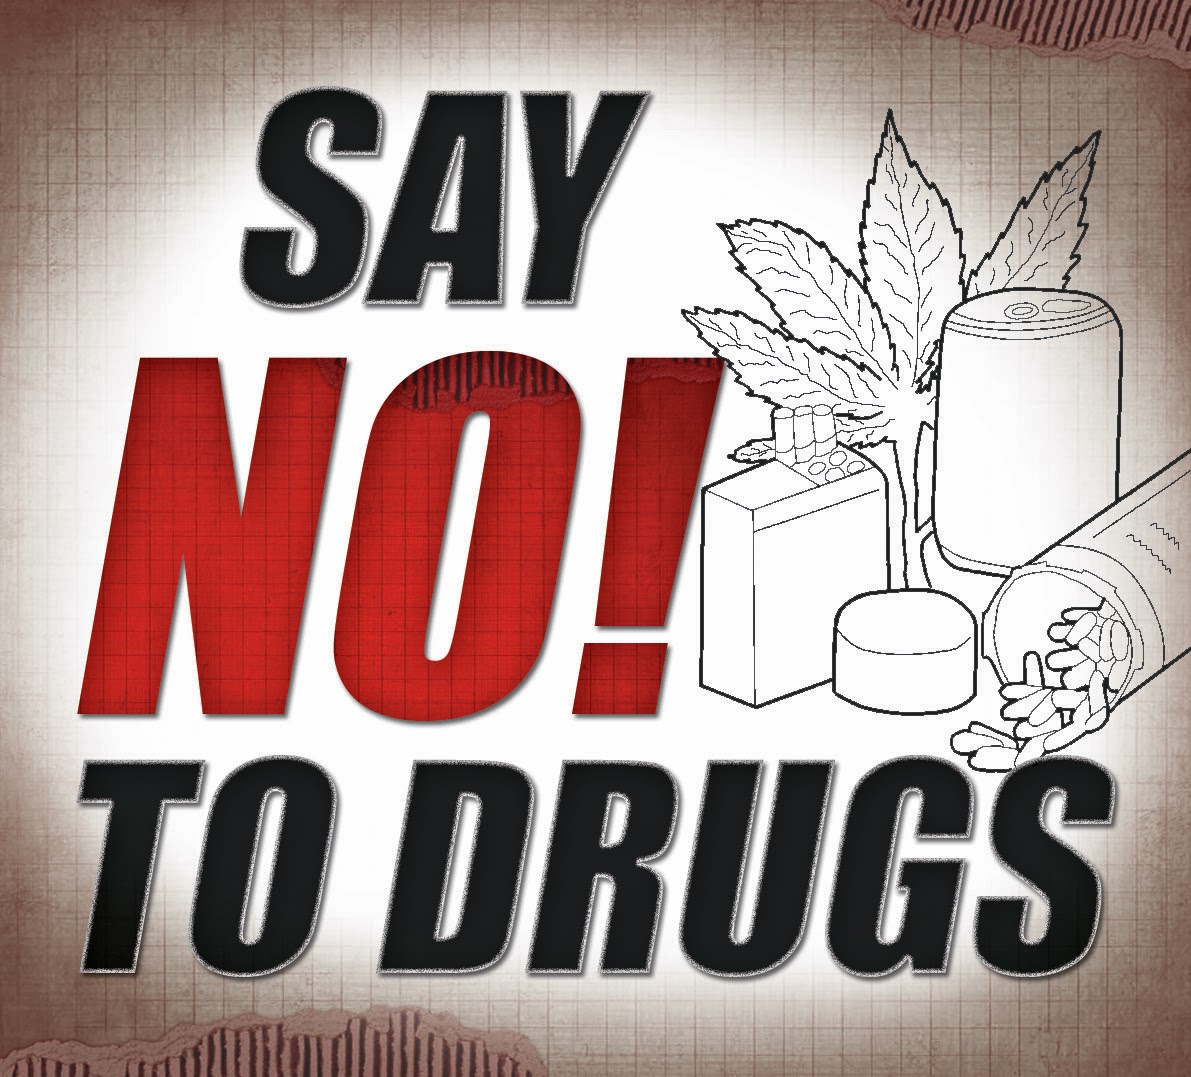 Gambar Ilustrasi Bahaya Narkoba Hilustrasi